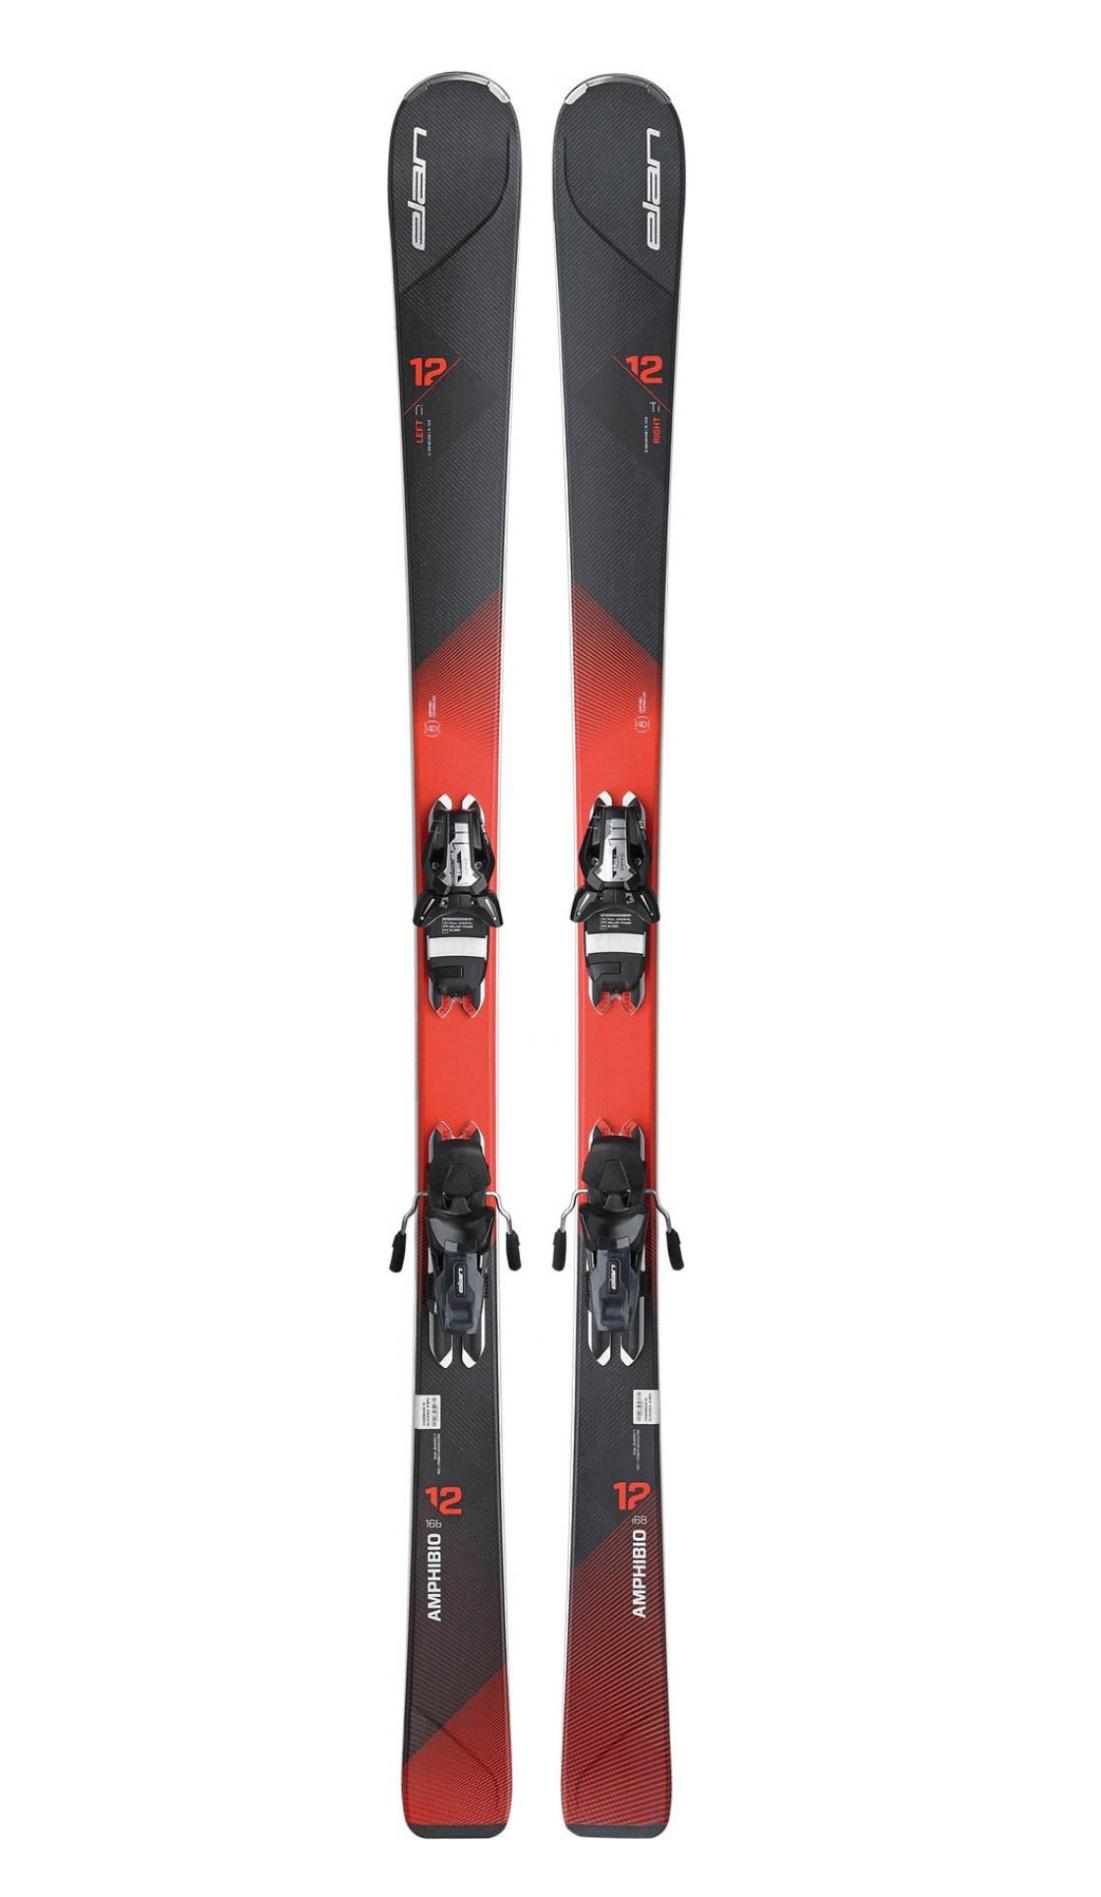 Горные лыжи с креплениями Elan 2016-17 AMPHIBIO 12 TI PS ELS11.0